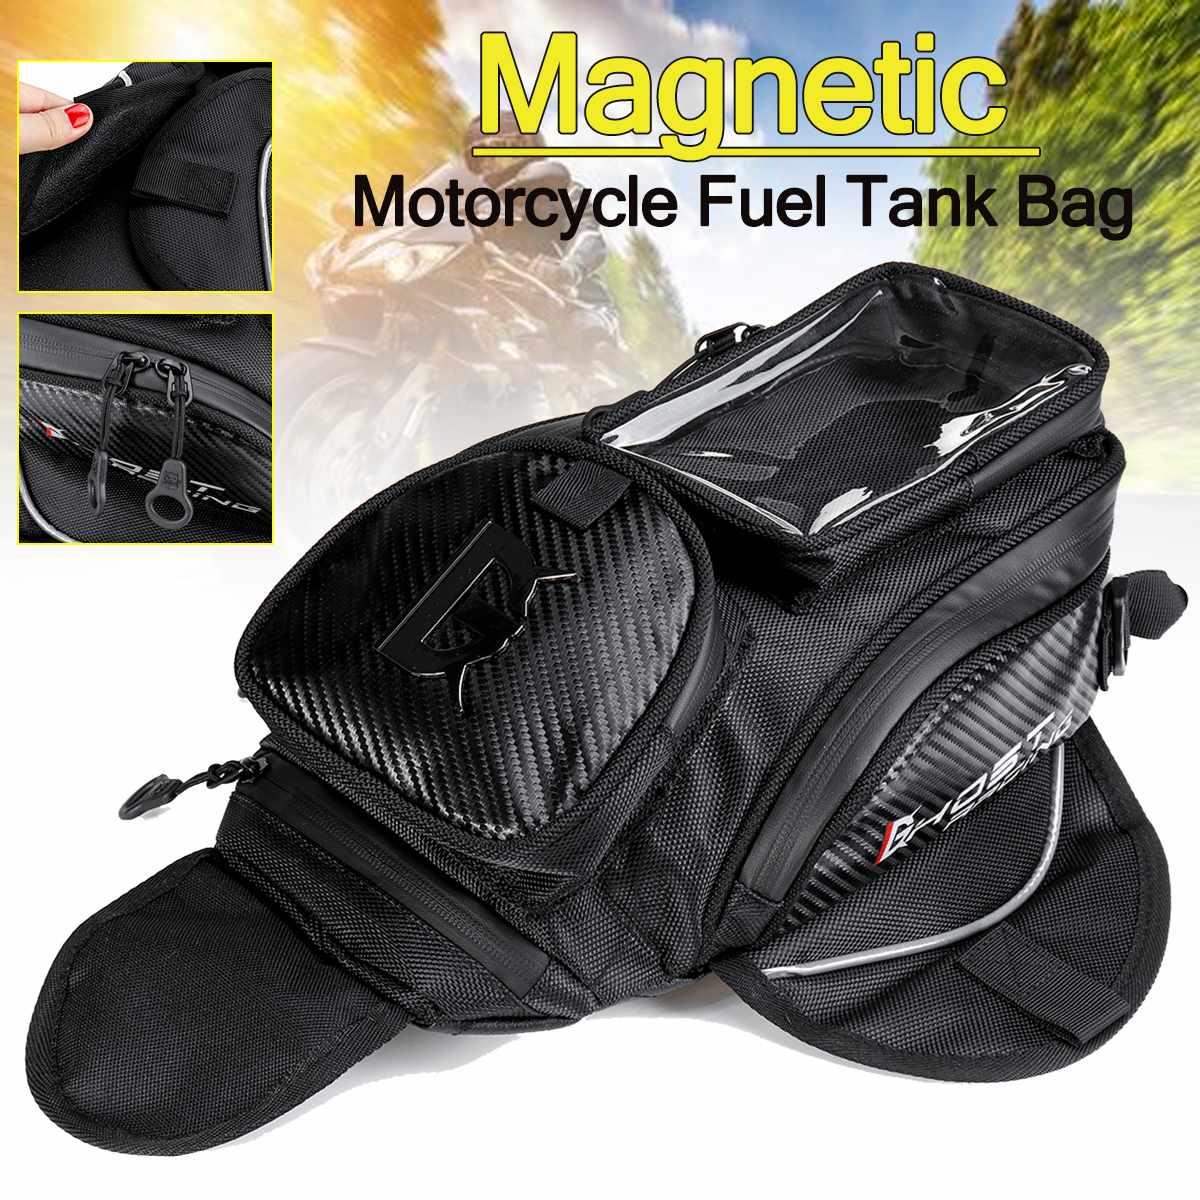 حقيبة خزان وقود دراجة نارية مغناطيسية ، حقيبة سرج دراجة نارية ، شاشة كبيرة للهاتف ، نظام ملاحة GPS